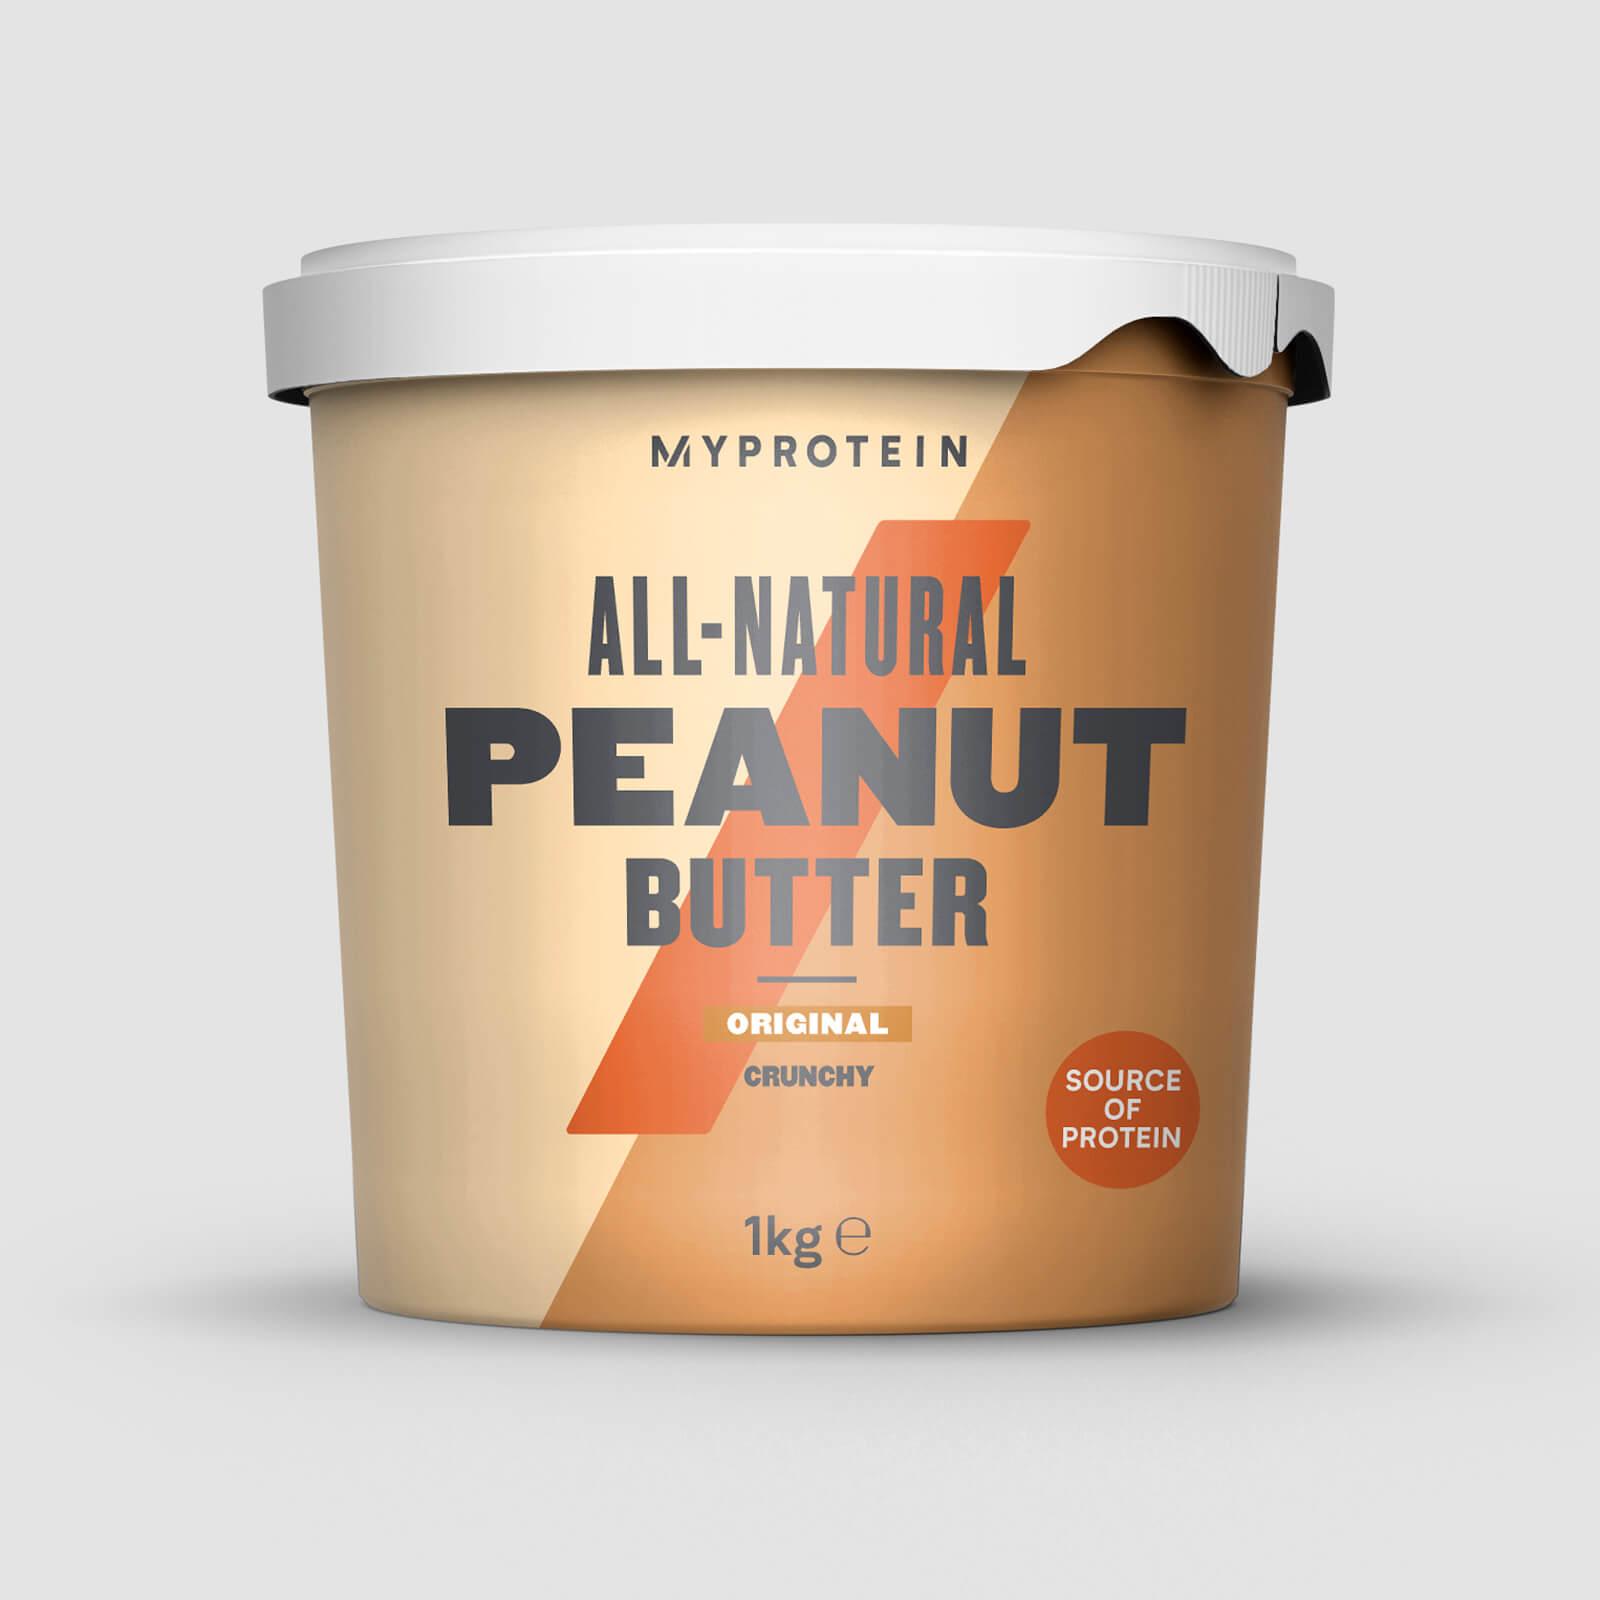 Sélection d'articles en promotion + 15% supplémentaires + livraison gratuite à domicile sans minimum - Ex : Beurre de cacahuète - 1 Kg